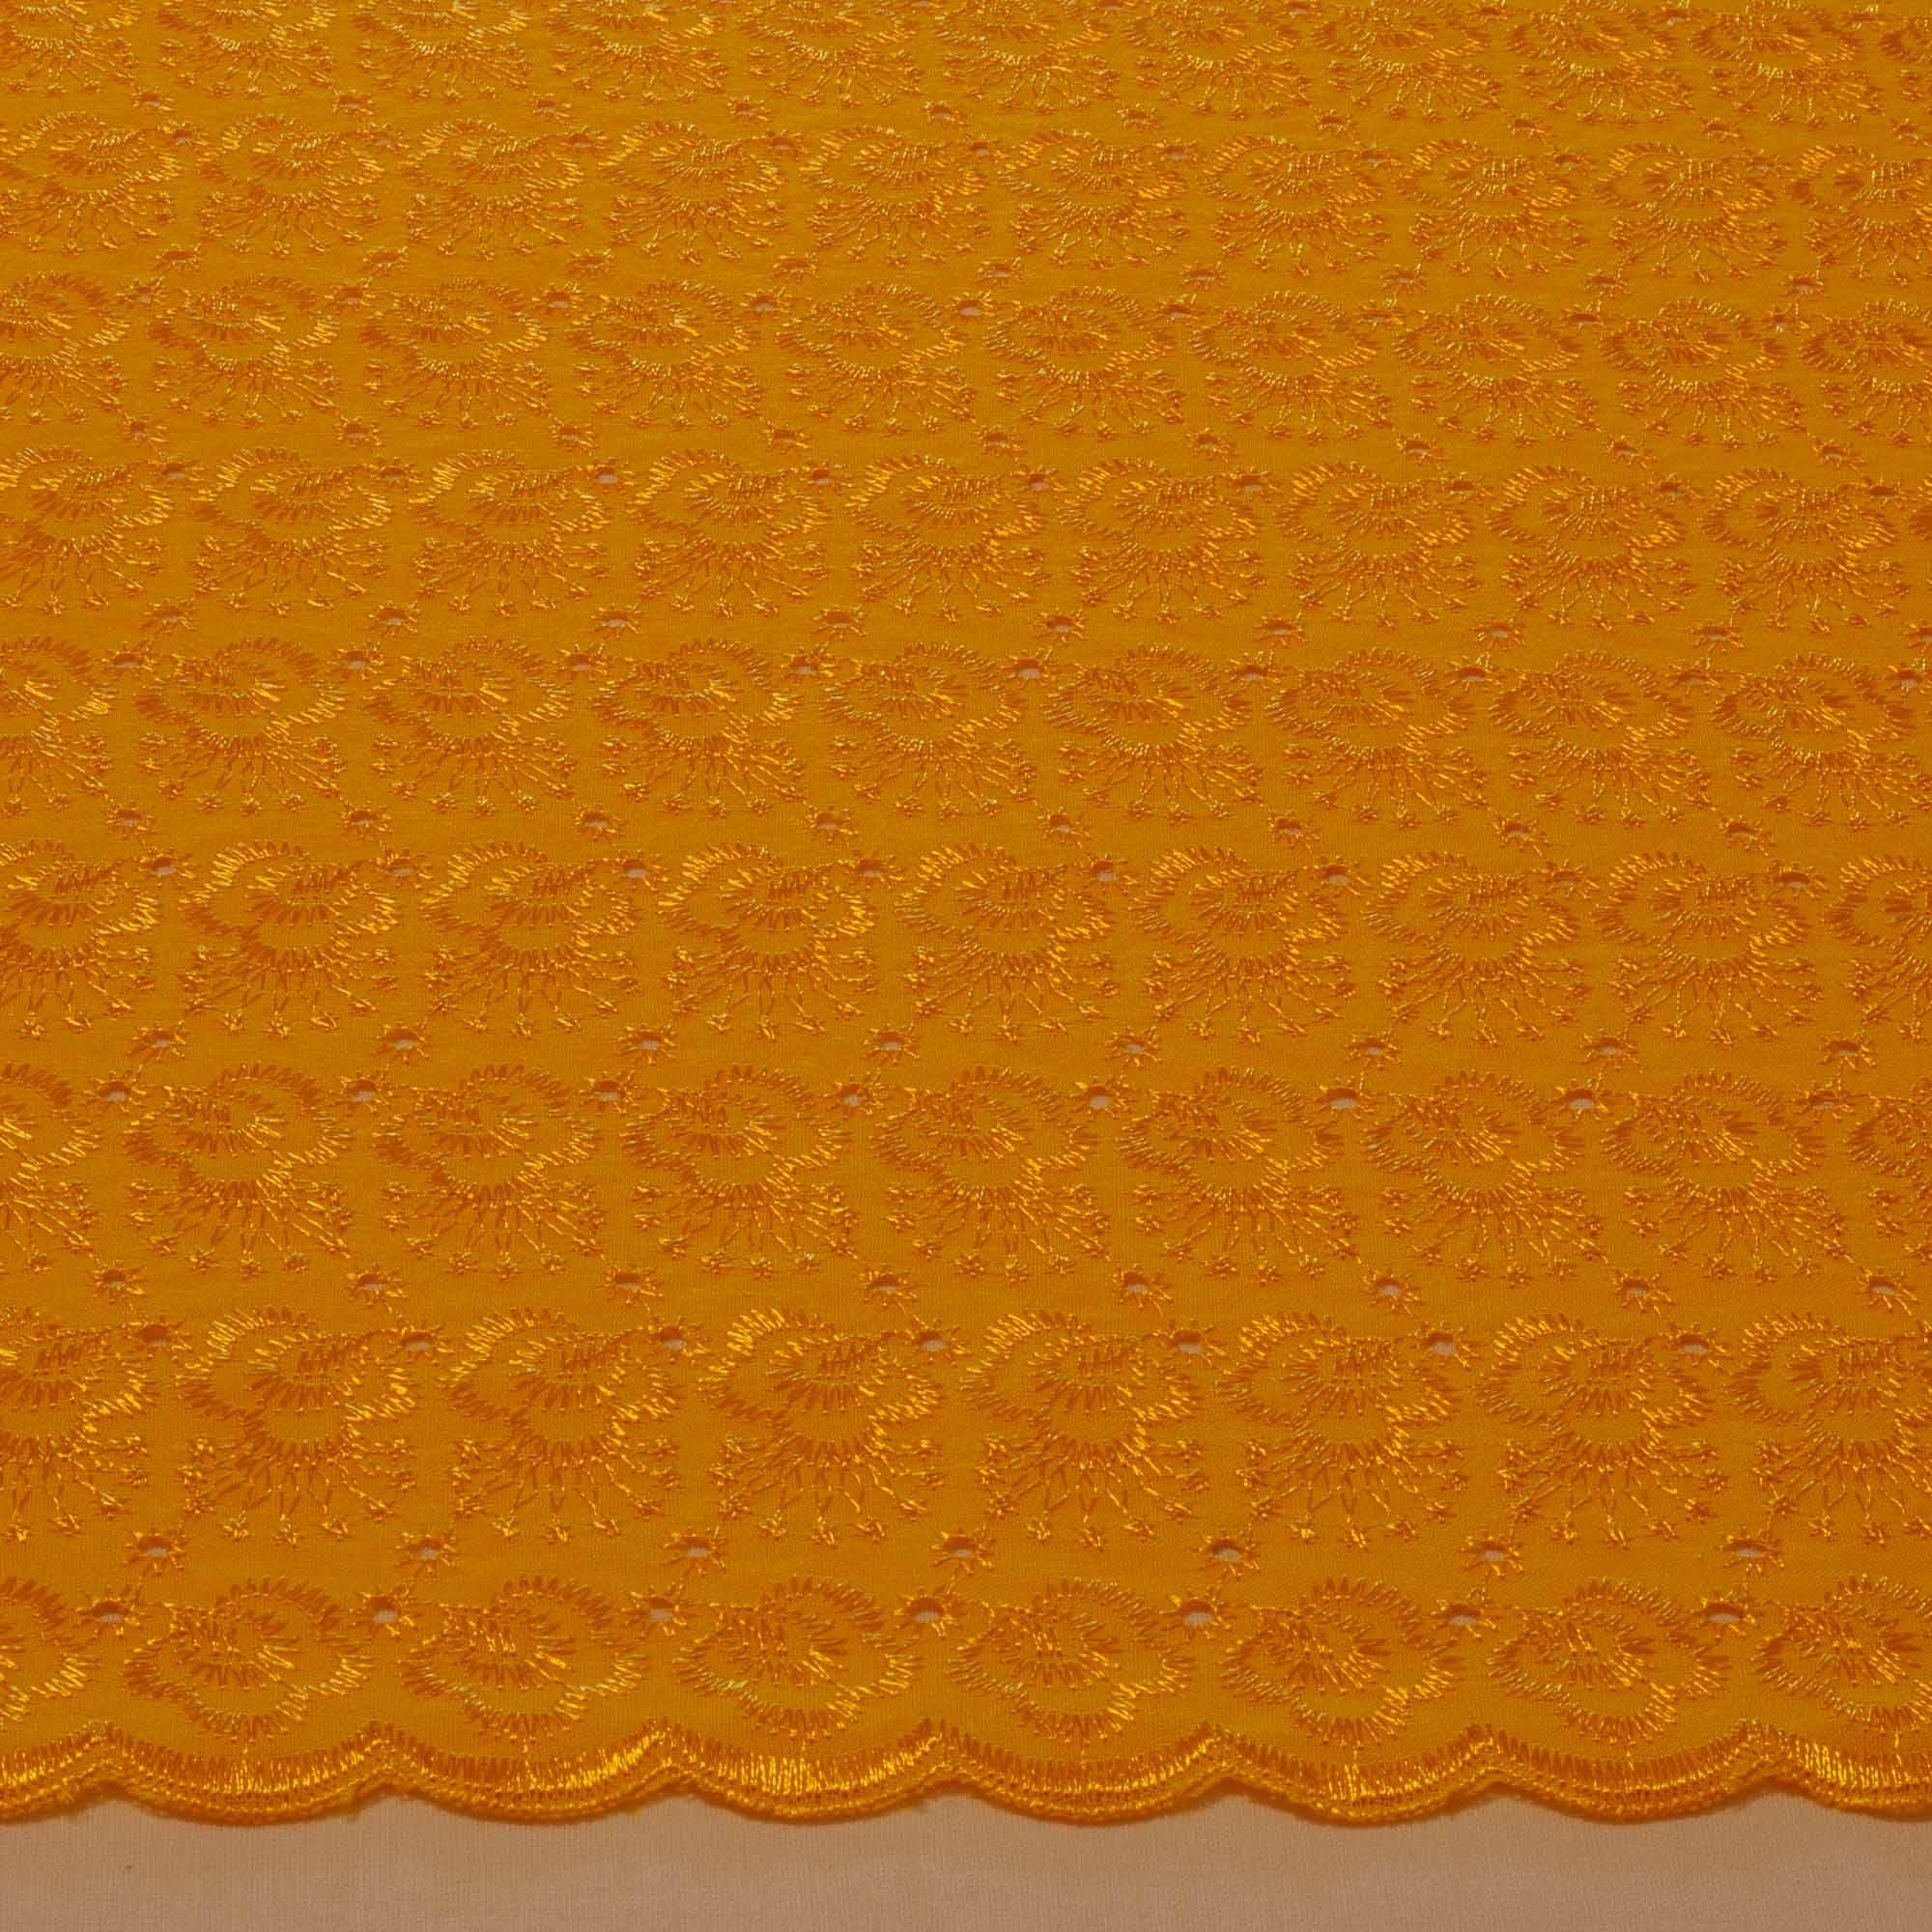 Tecido Laise 80% Poliéster 20% Algodão 1,40 Mt Largura Amarelo